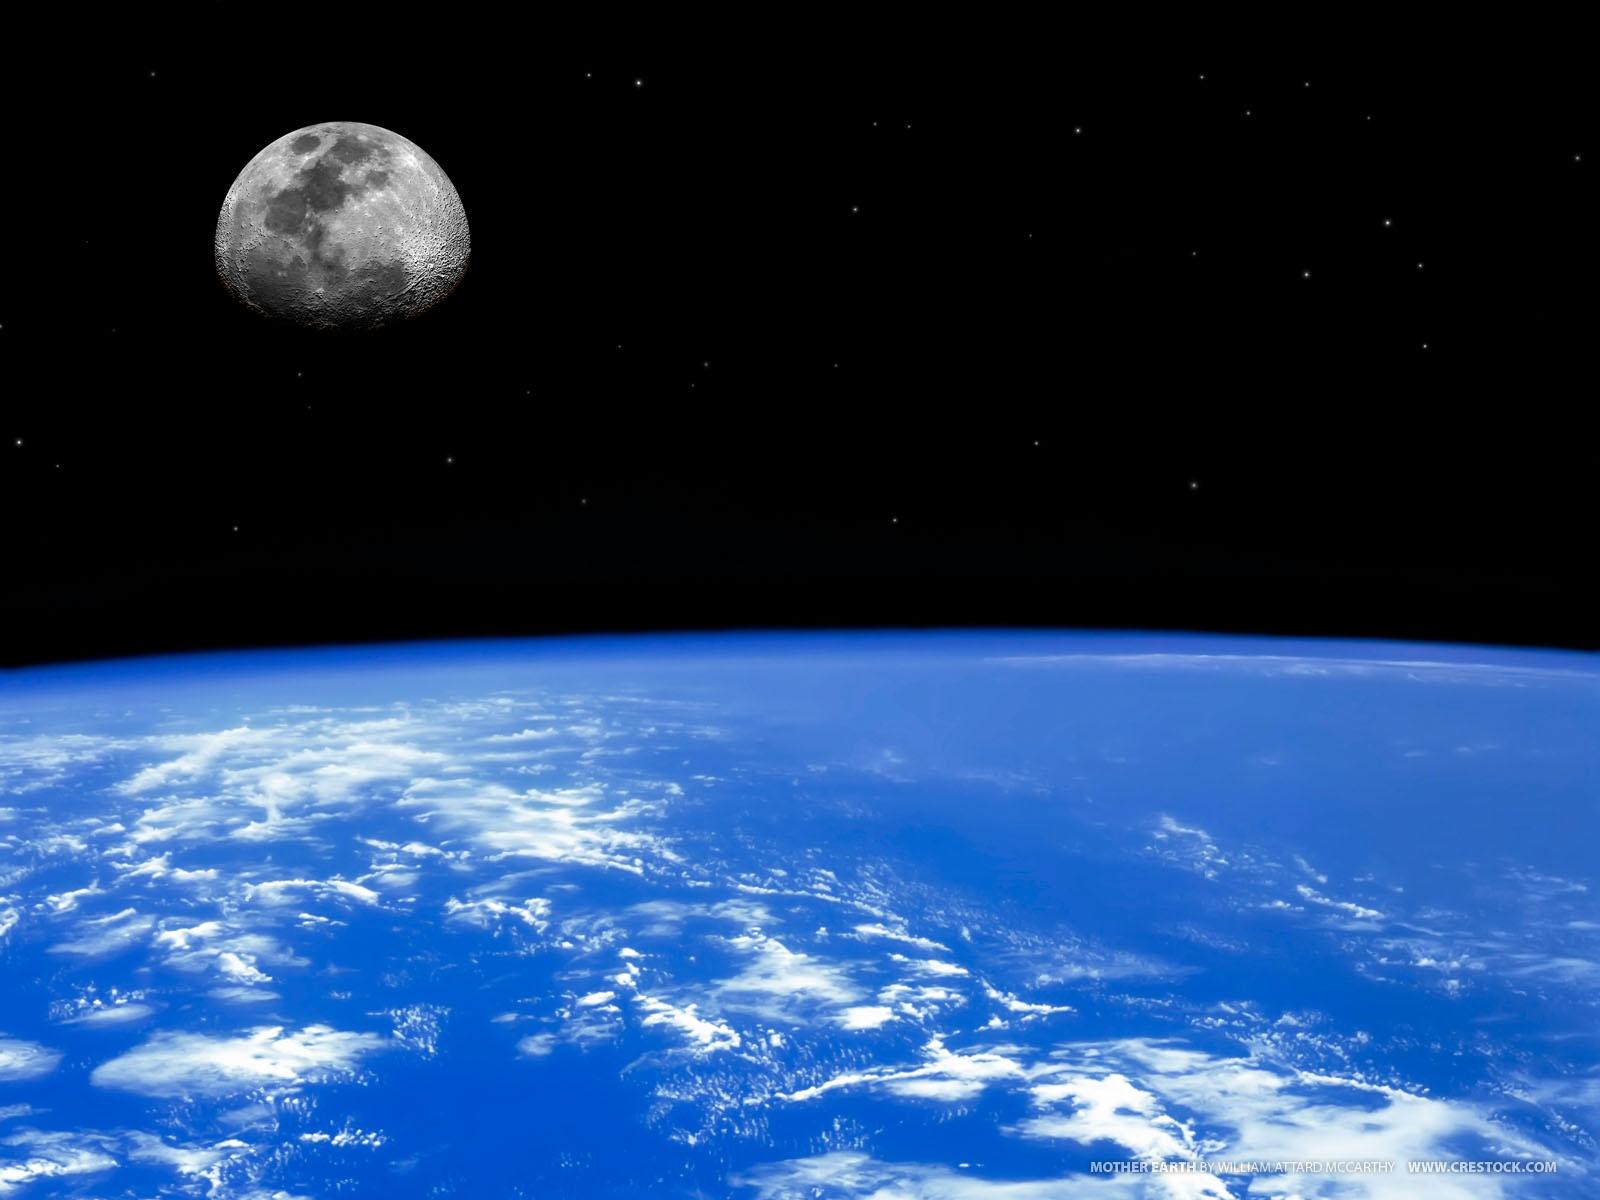 http://3.bp.blogspot.com/-qmDwxsu5zwY/UEa_EaIplpI/AAAAAAAABmo/uf7k3EEd_Y0/s1600/earth%252Bfrom%252Bspace%252Bwallpapers%252B5.jpg